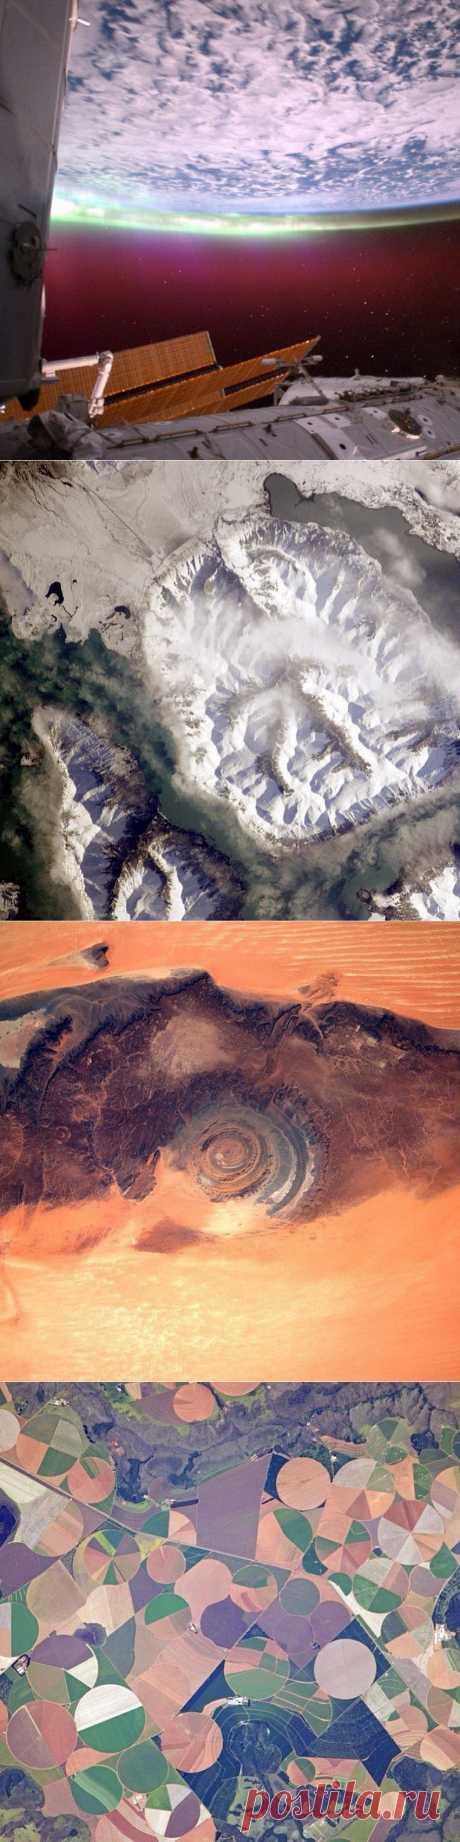 Потрясающие космические фотографии с борта МКС | ТАЙНЫ ВСЕЛЕННОЙ